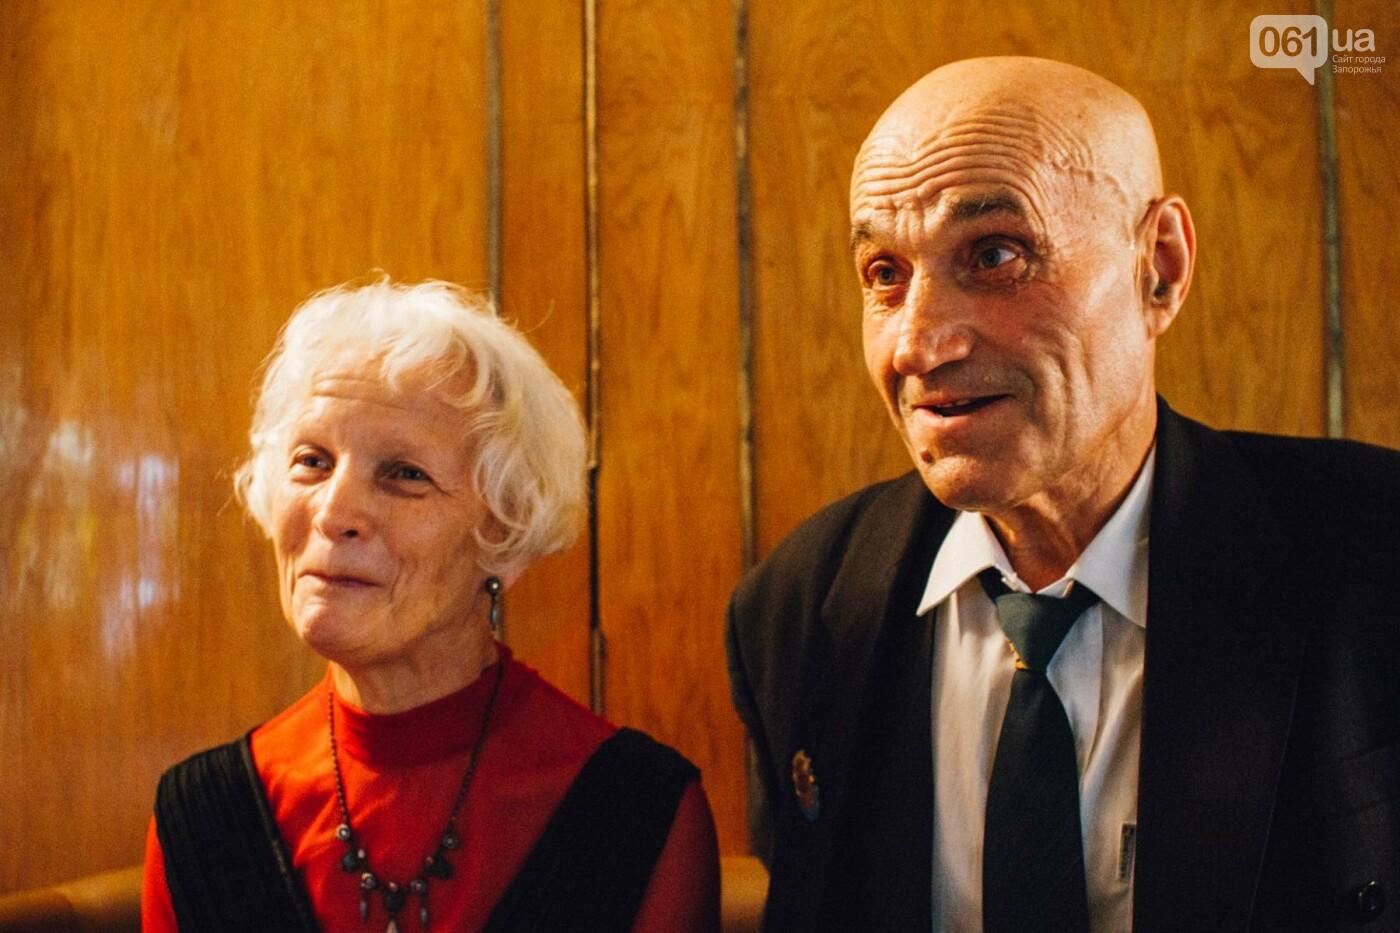 """""""Я ей сказал - до 90 лет будем танцевать!"""": как влюбленные запорожцы нашли друг друга благодаря танцам , фото-7"""